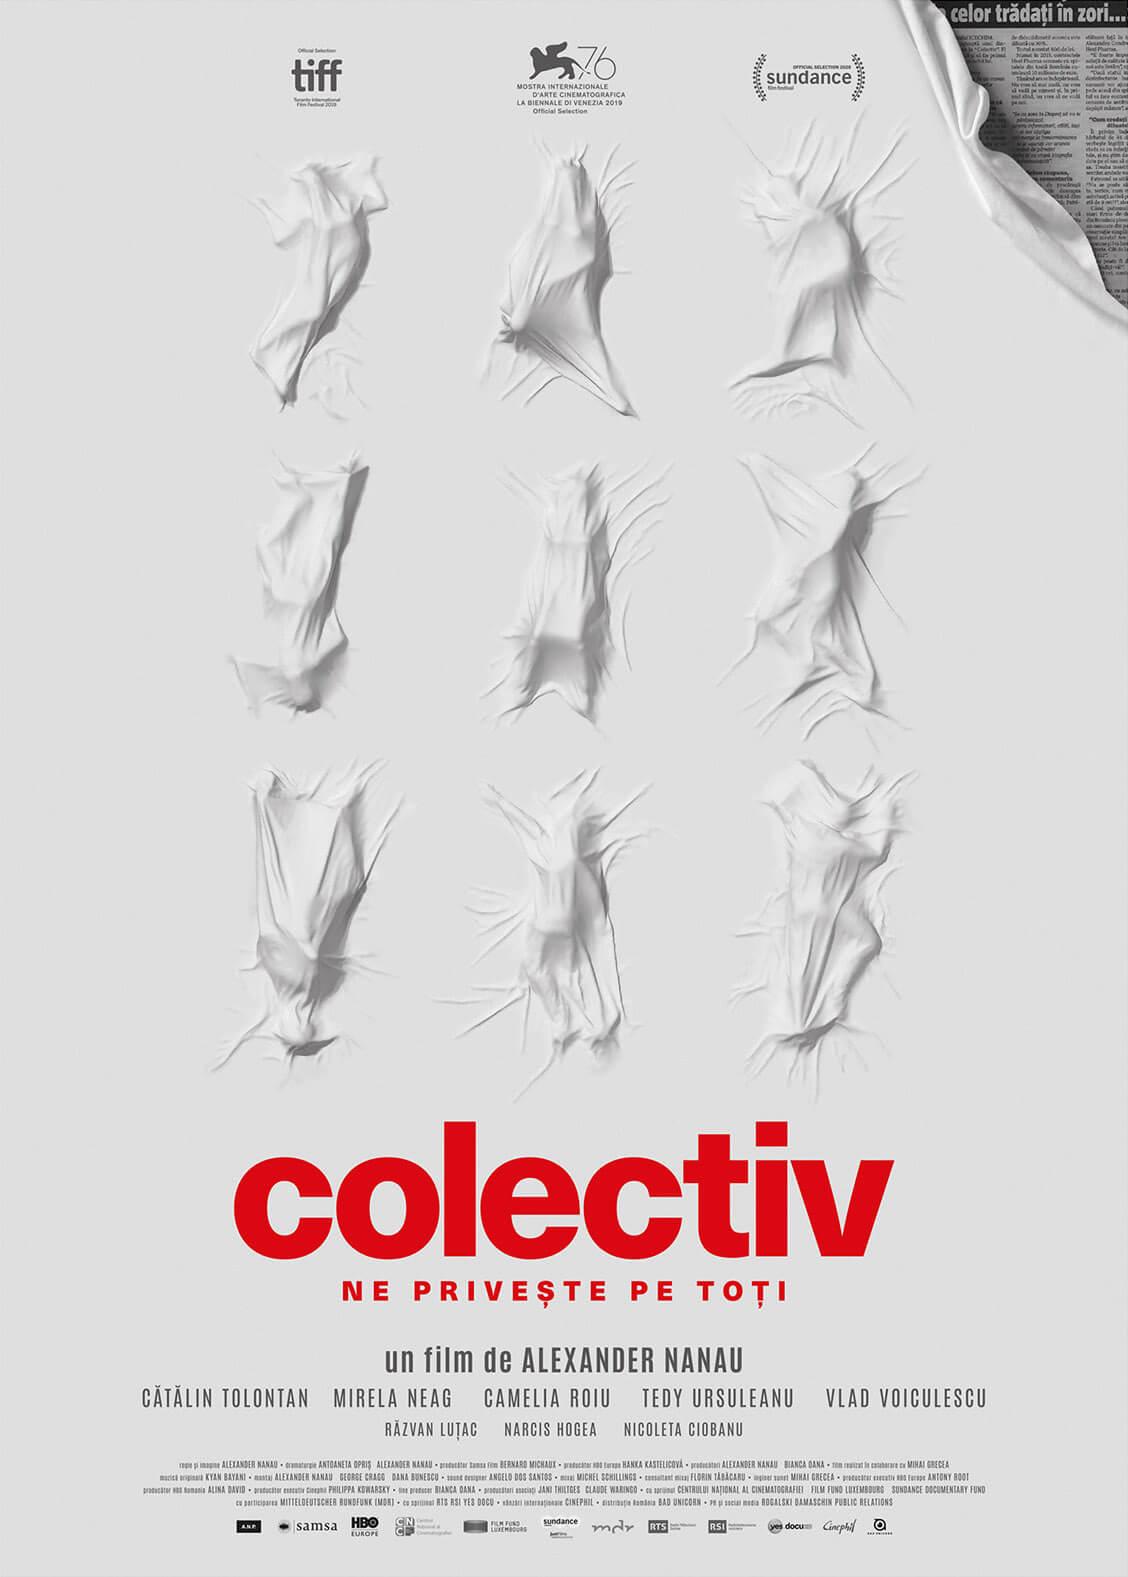 Povestea posterului unul film nominalizat la Oscar, spusă de Eugen Erhan, graphic designerul autor.